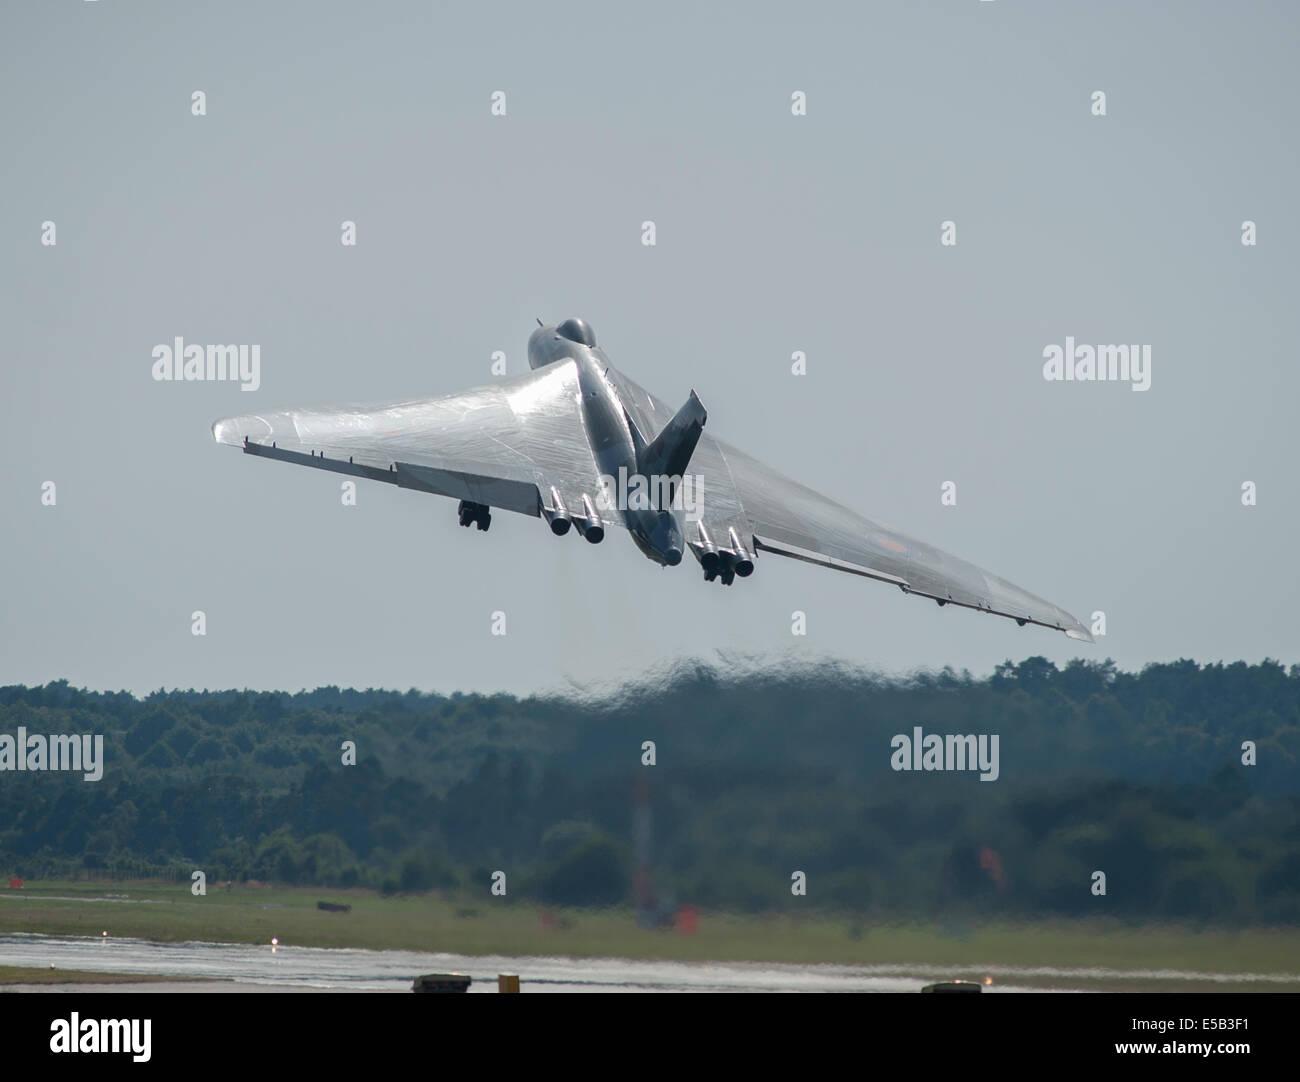 avro-vulcan-the-spirit-of-great-britain-